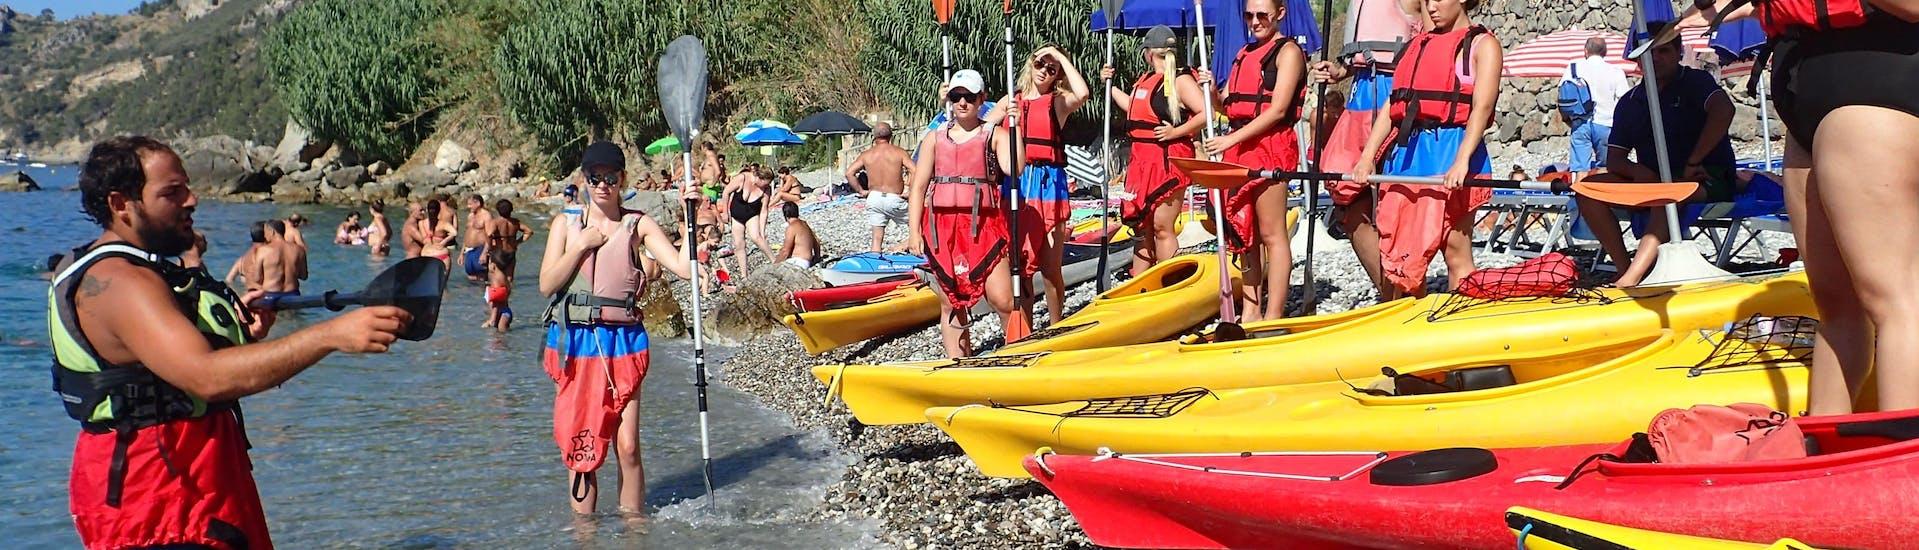 Sea Kayak Tour to the Crapolla Fjord